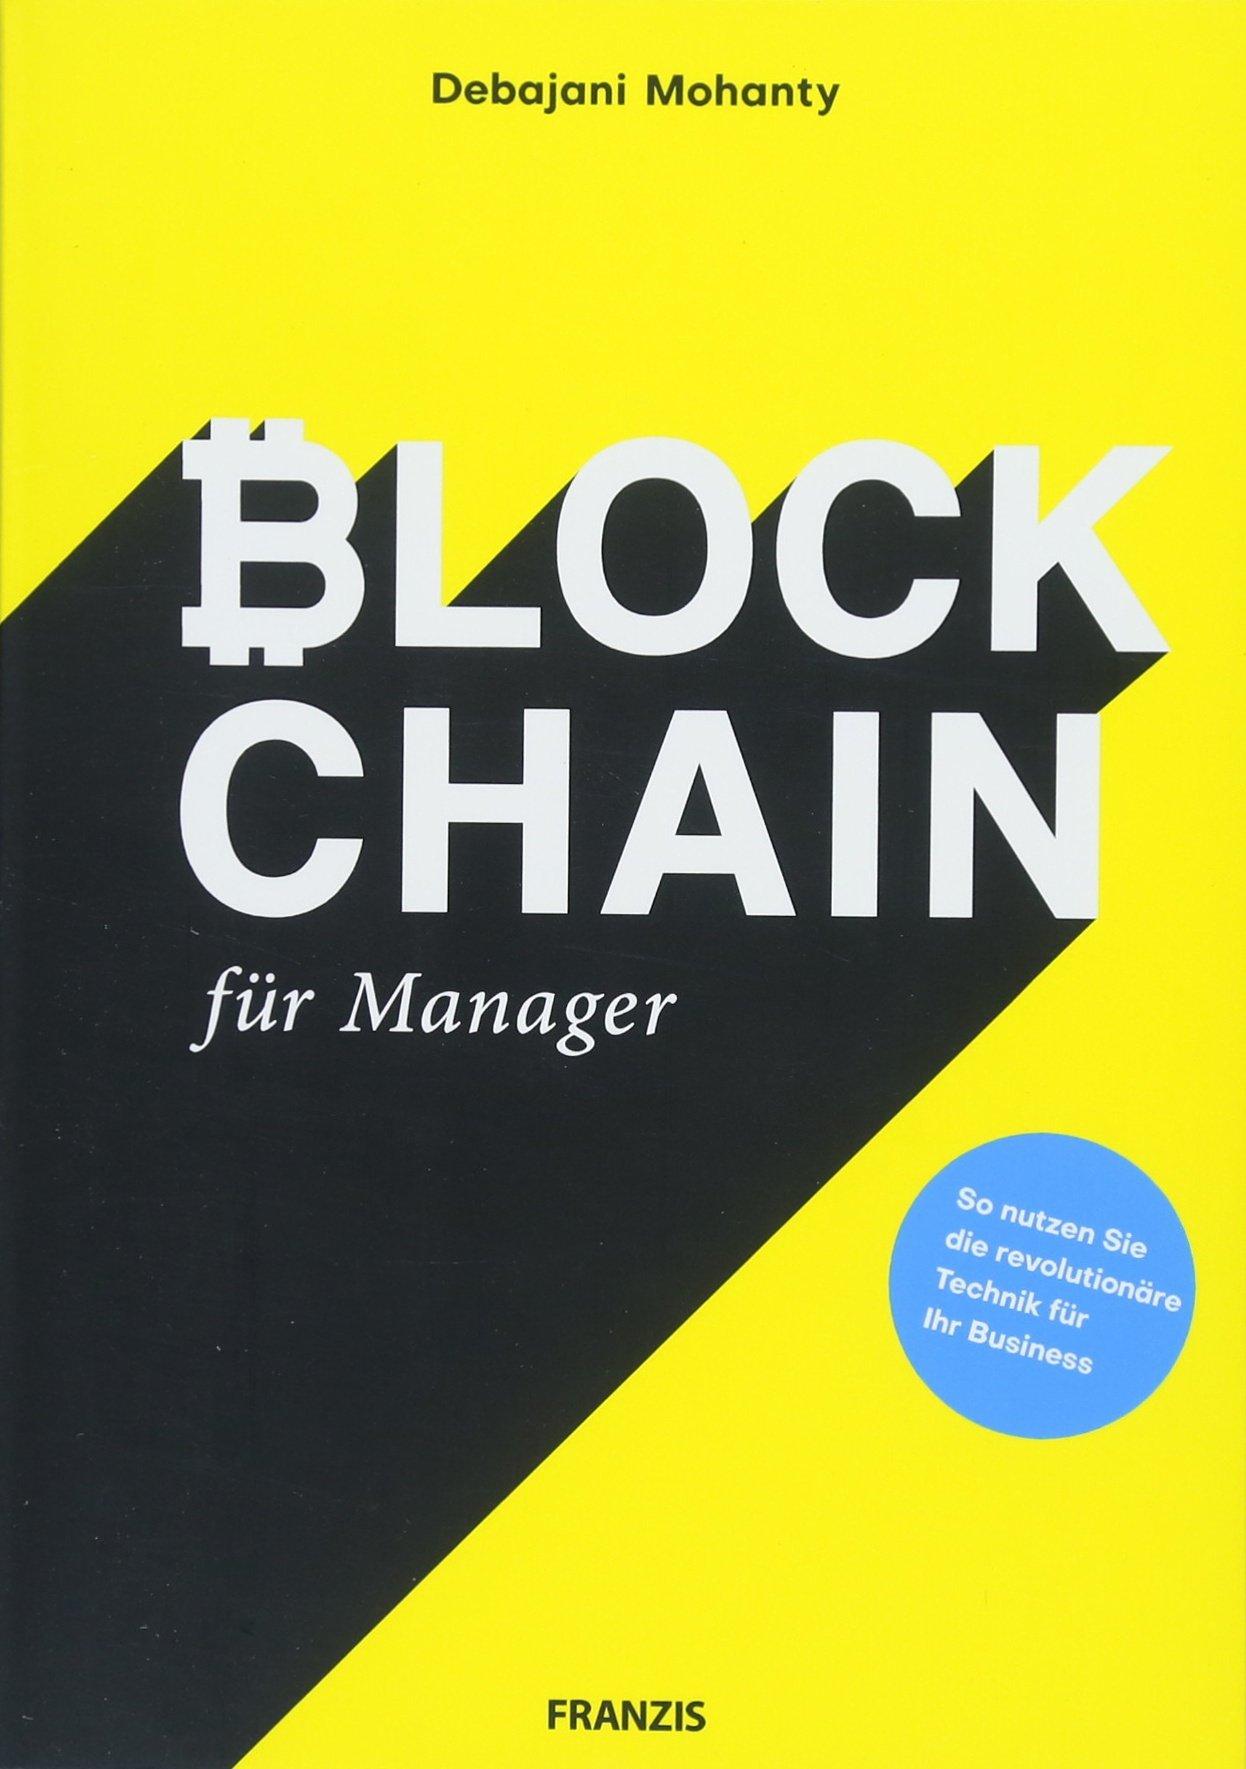 Blockchain Für Manager  So Nutzen Sie Die Revolutionäre Technik Für Ihr Business   Bitcoin Ethereum Hyperledger R3 Corda Ripple MultiChain Und IOTA